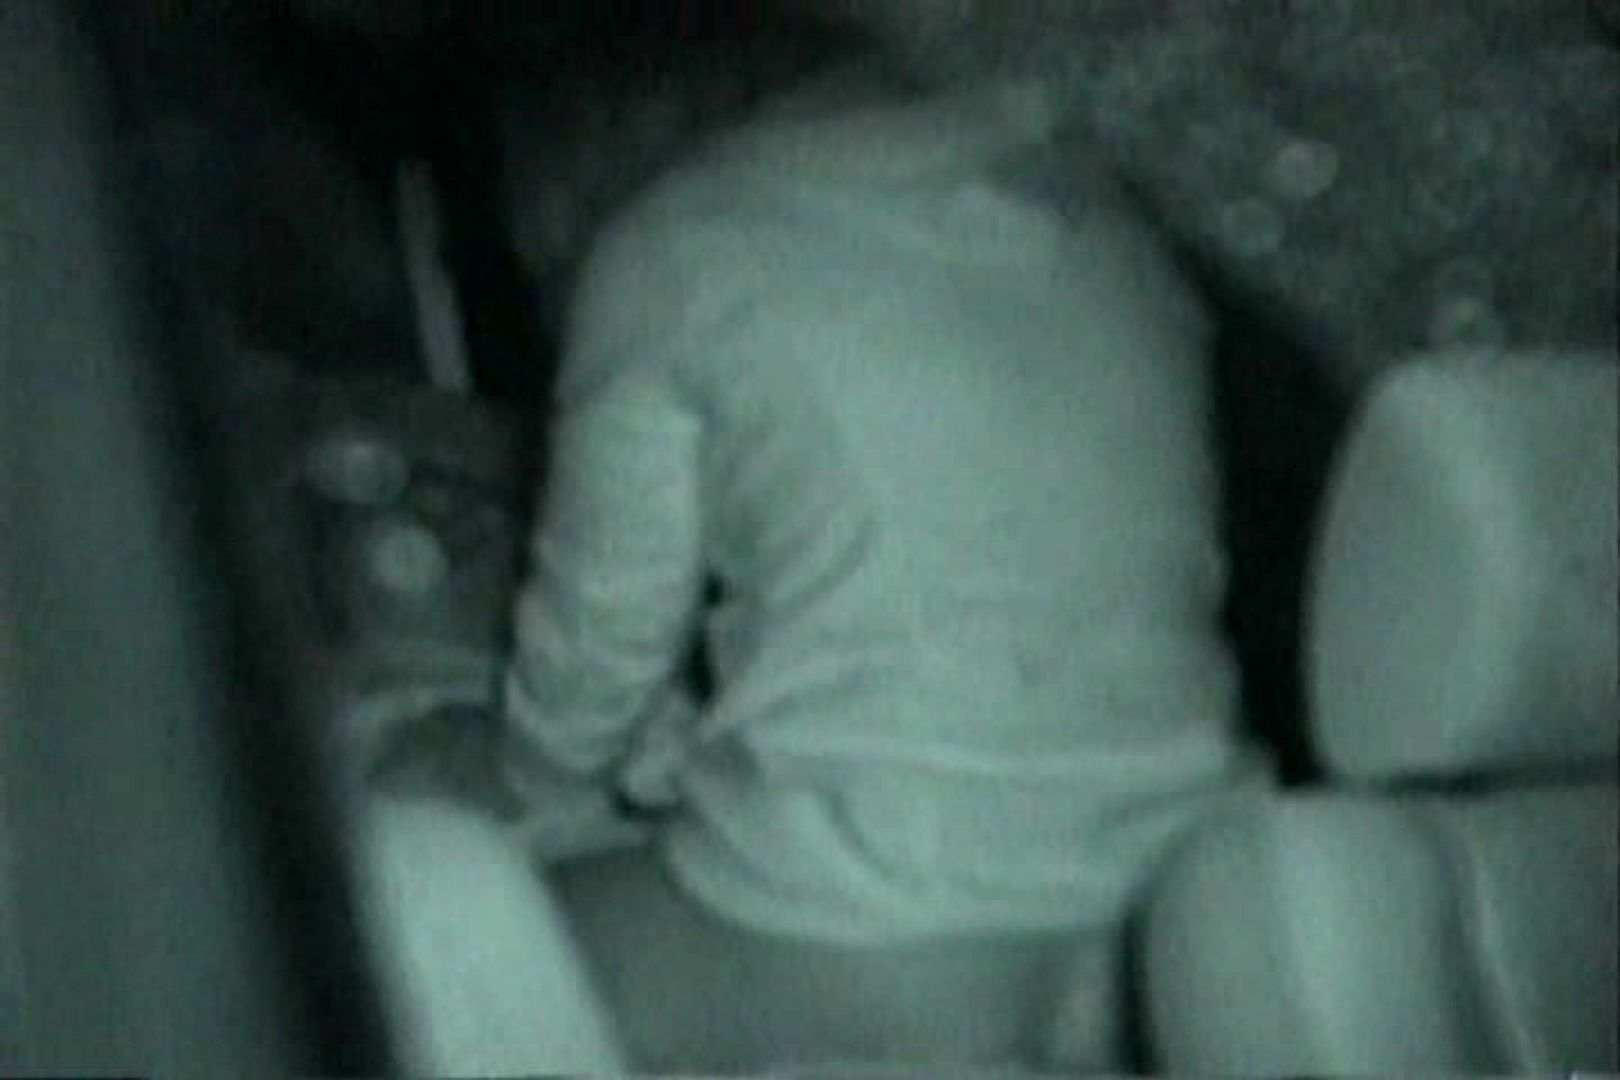 充血監督の深夜の運動会Vol.126 セックス SEX無修正画像 84画像 37